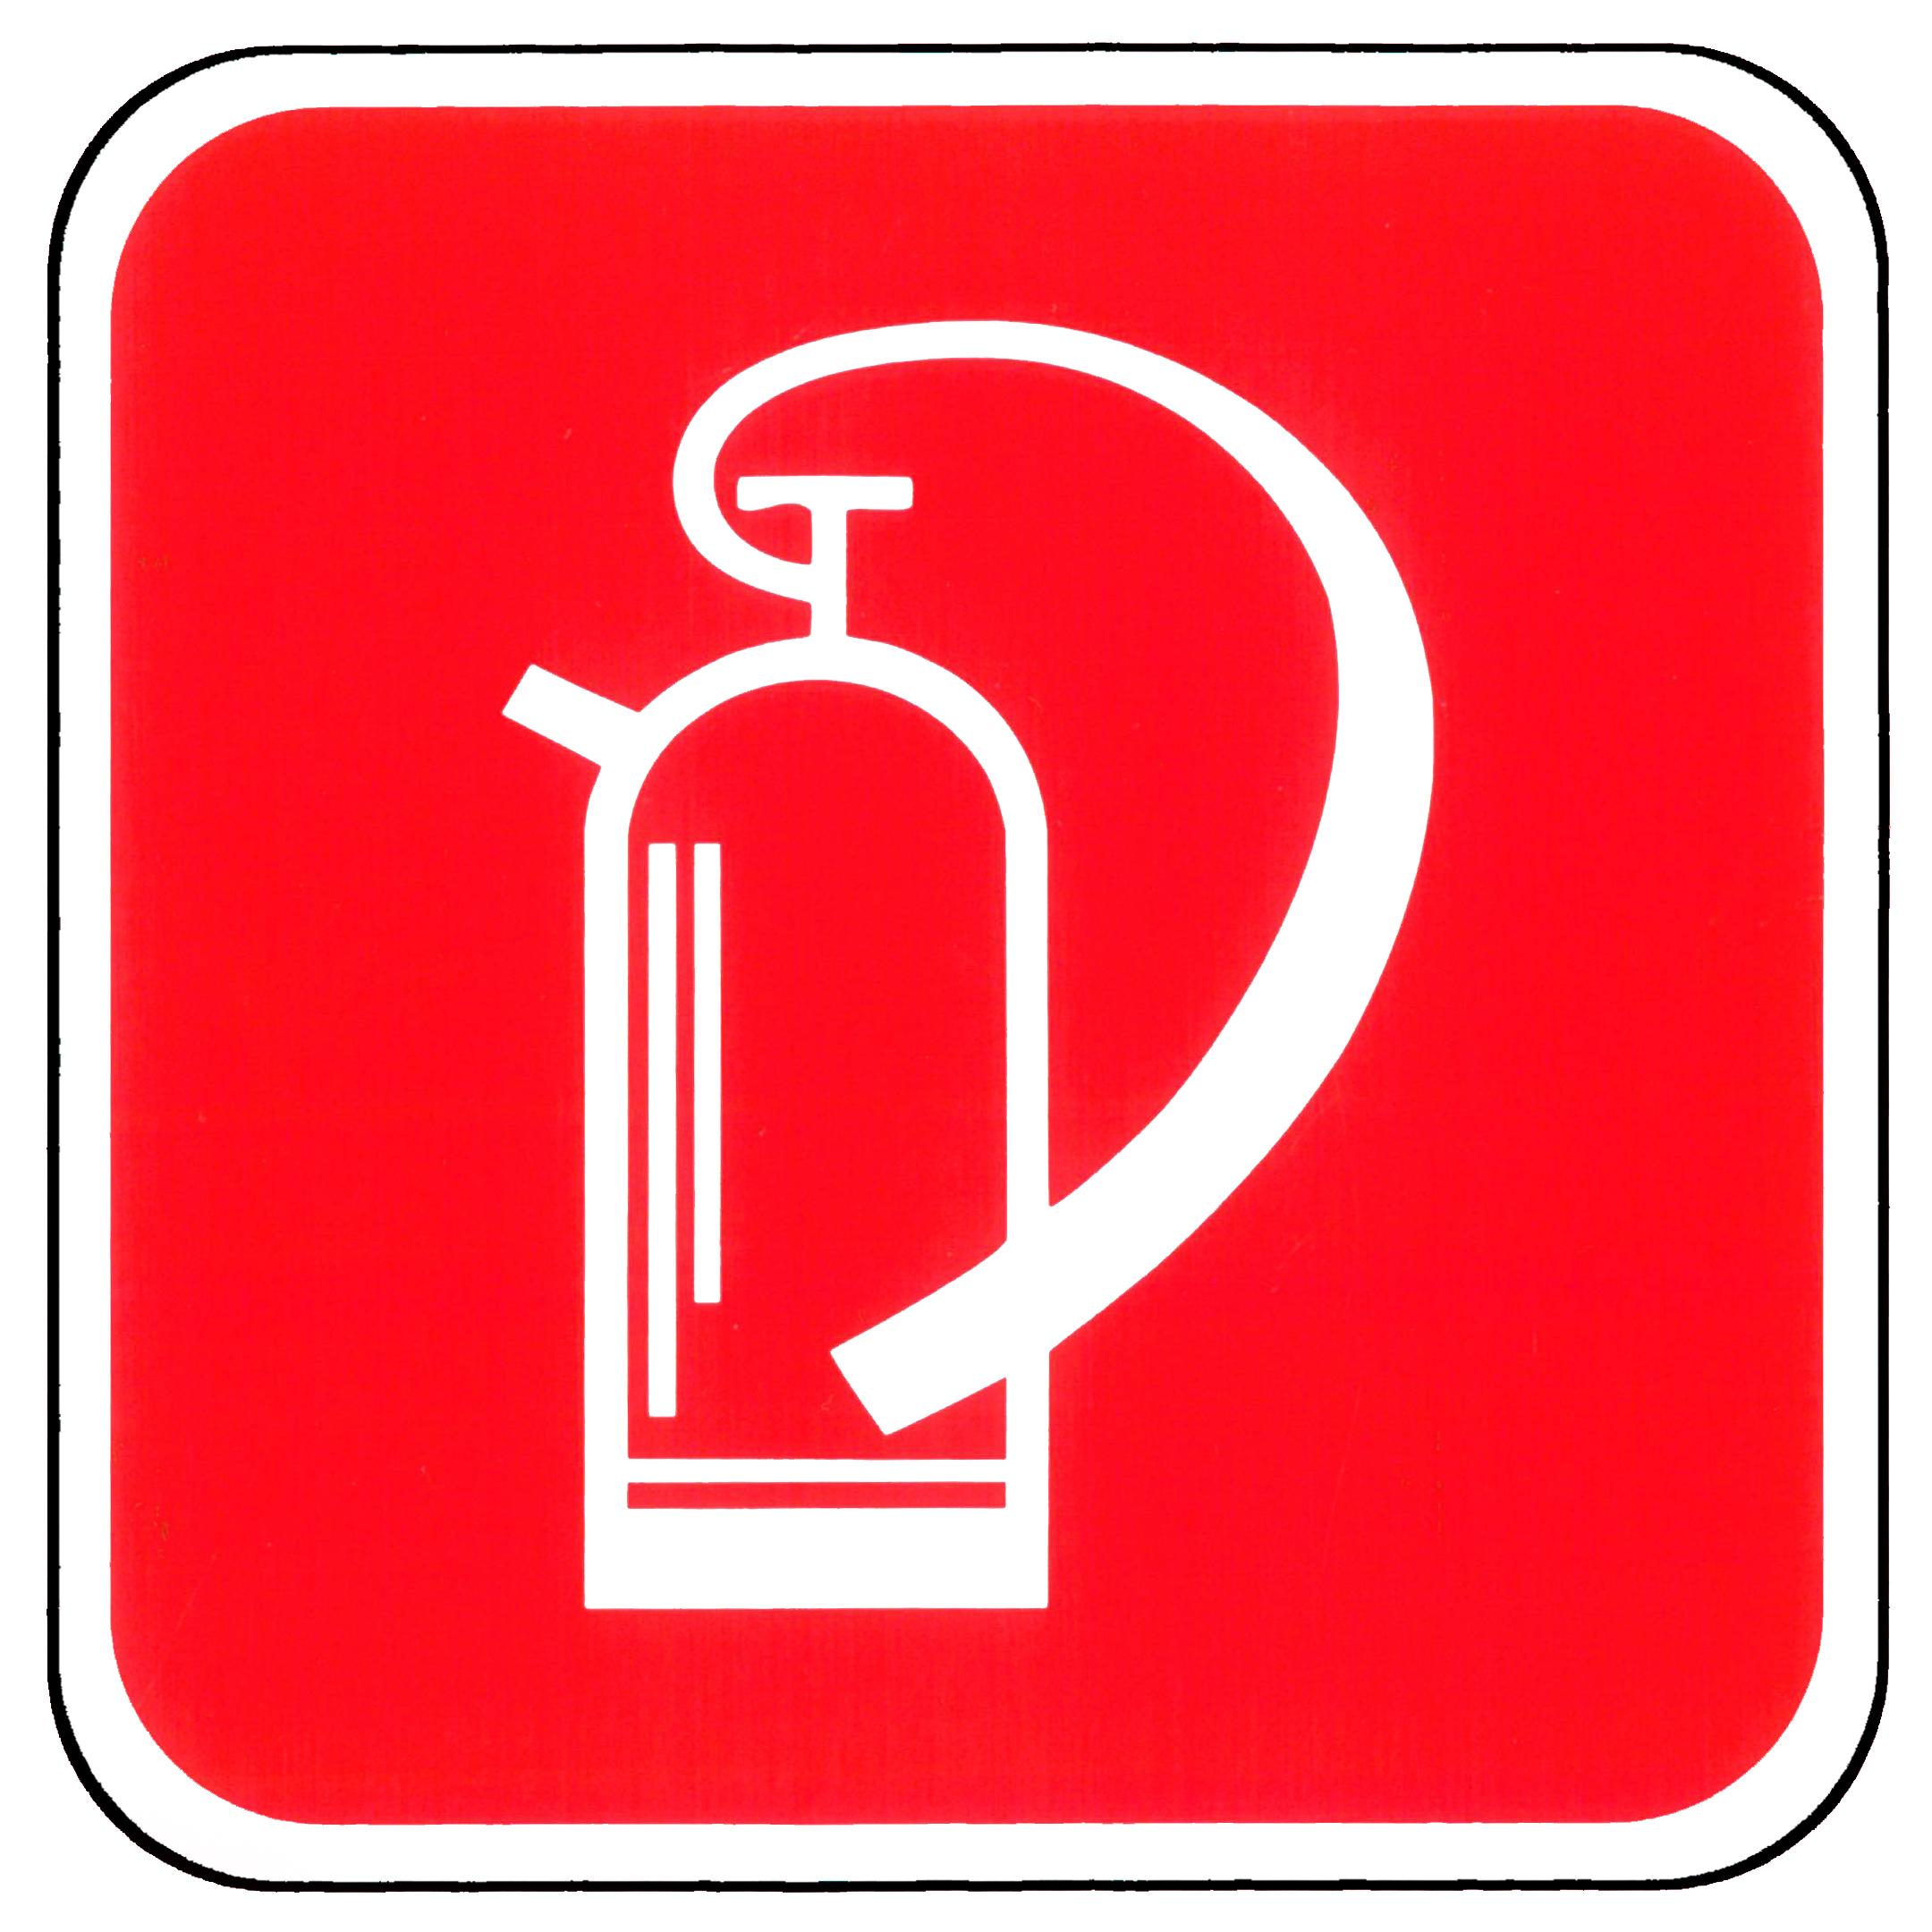 Piktogramm V20391: Feuerlöscher gemäß VBG 125 und DIN 4066